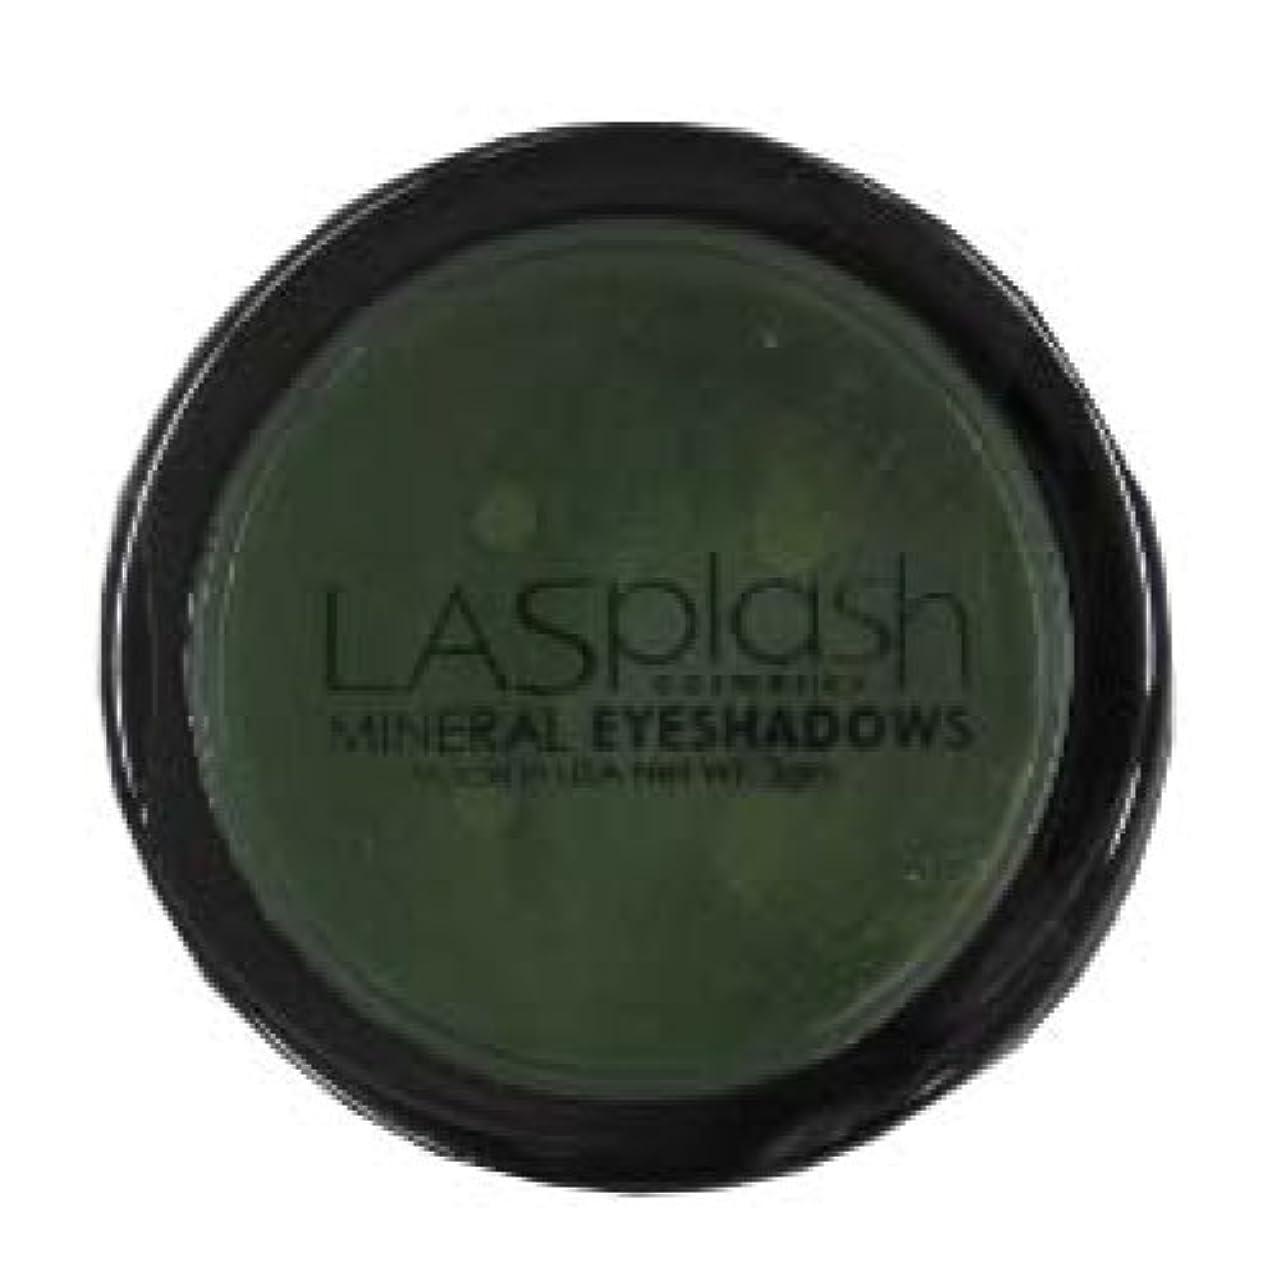 減らす輝度リングLASplash ミネラルアイスパークルアイシャドウグリーン257